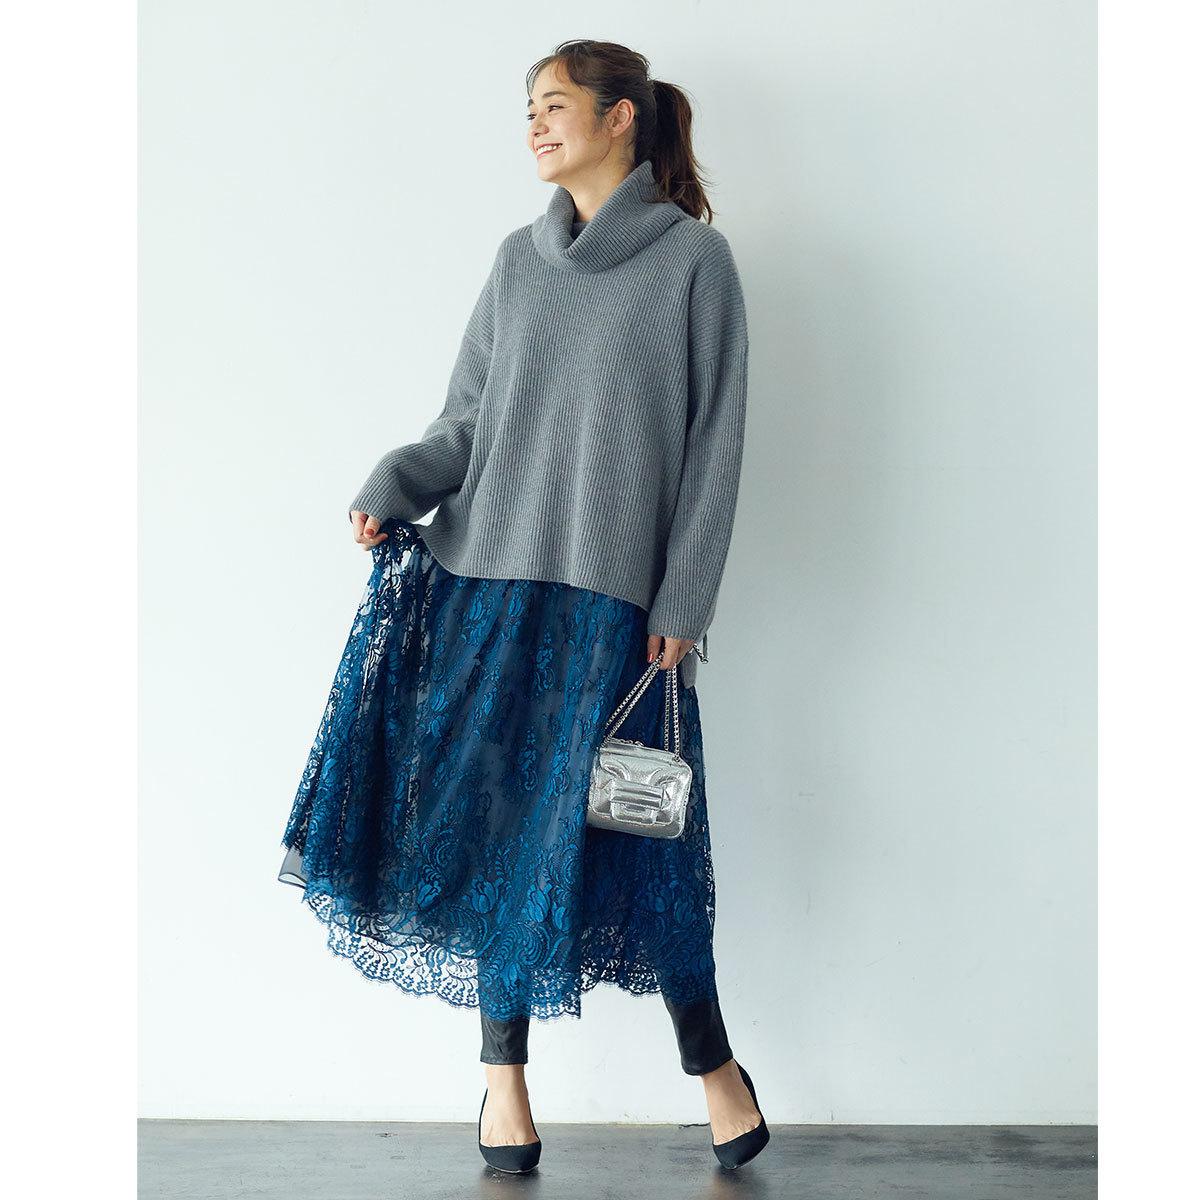 ■華やかなドレスをデイリーに着るテクニック